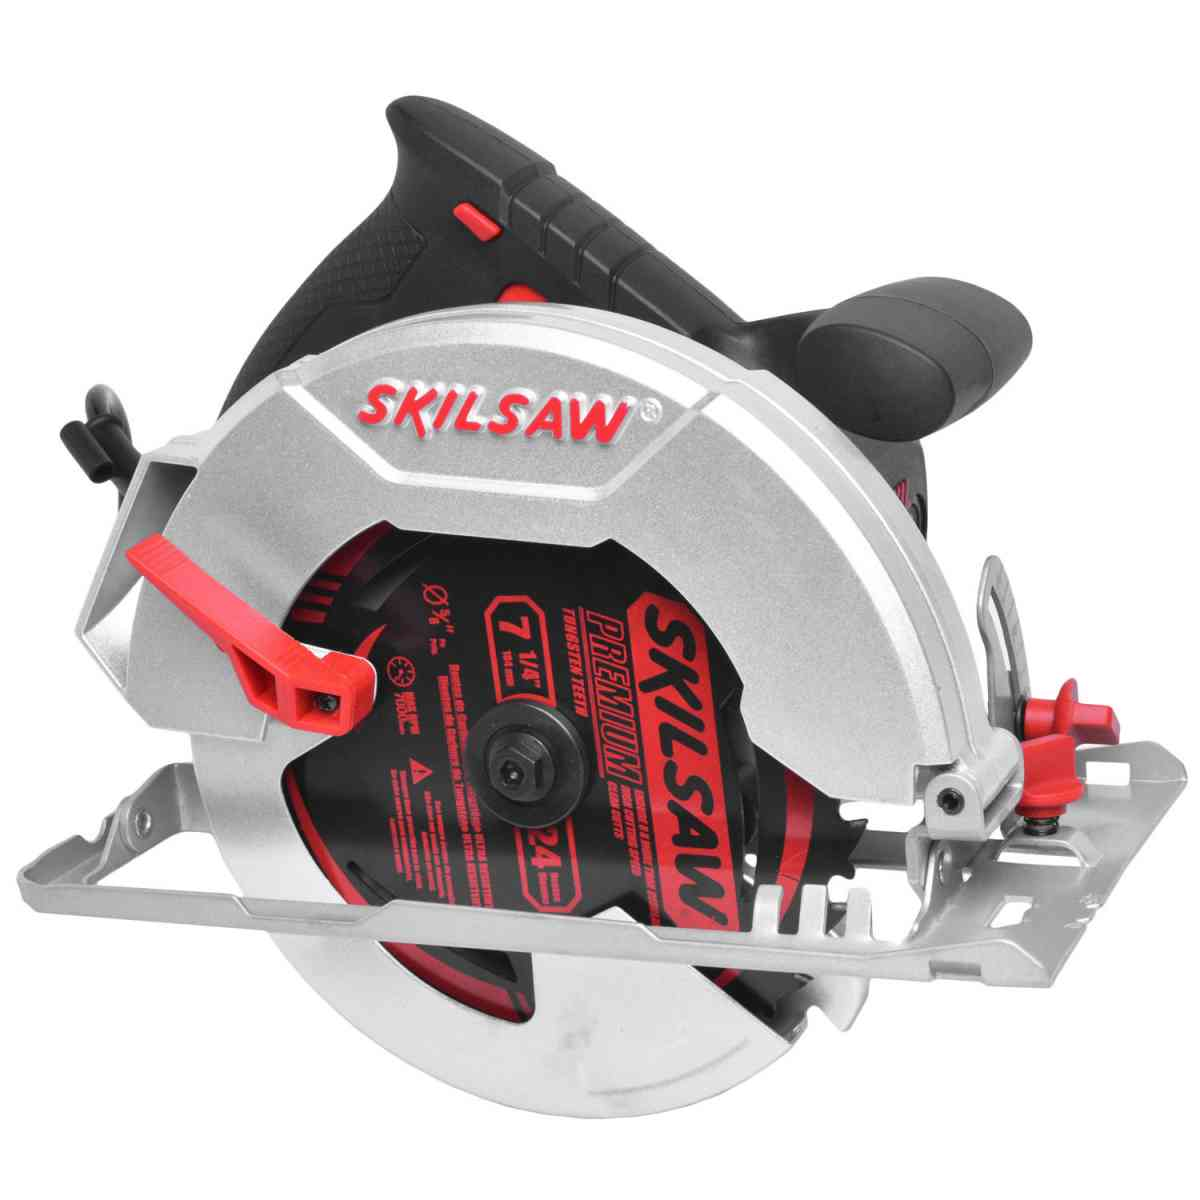 Serra Circular 7.1/4 POL 1400W 5402 Professional Skil 127V